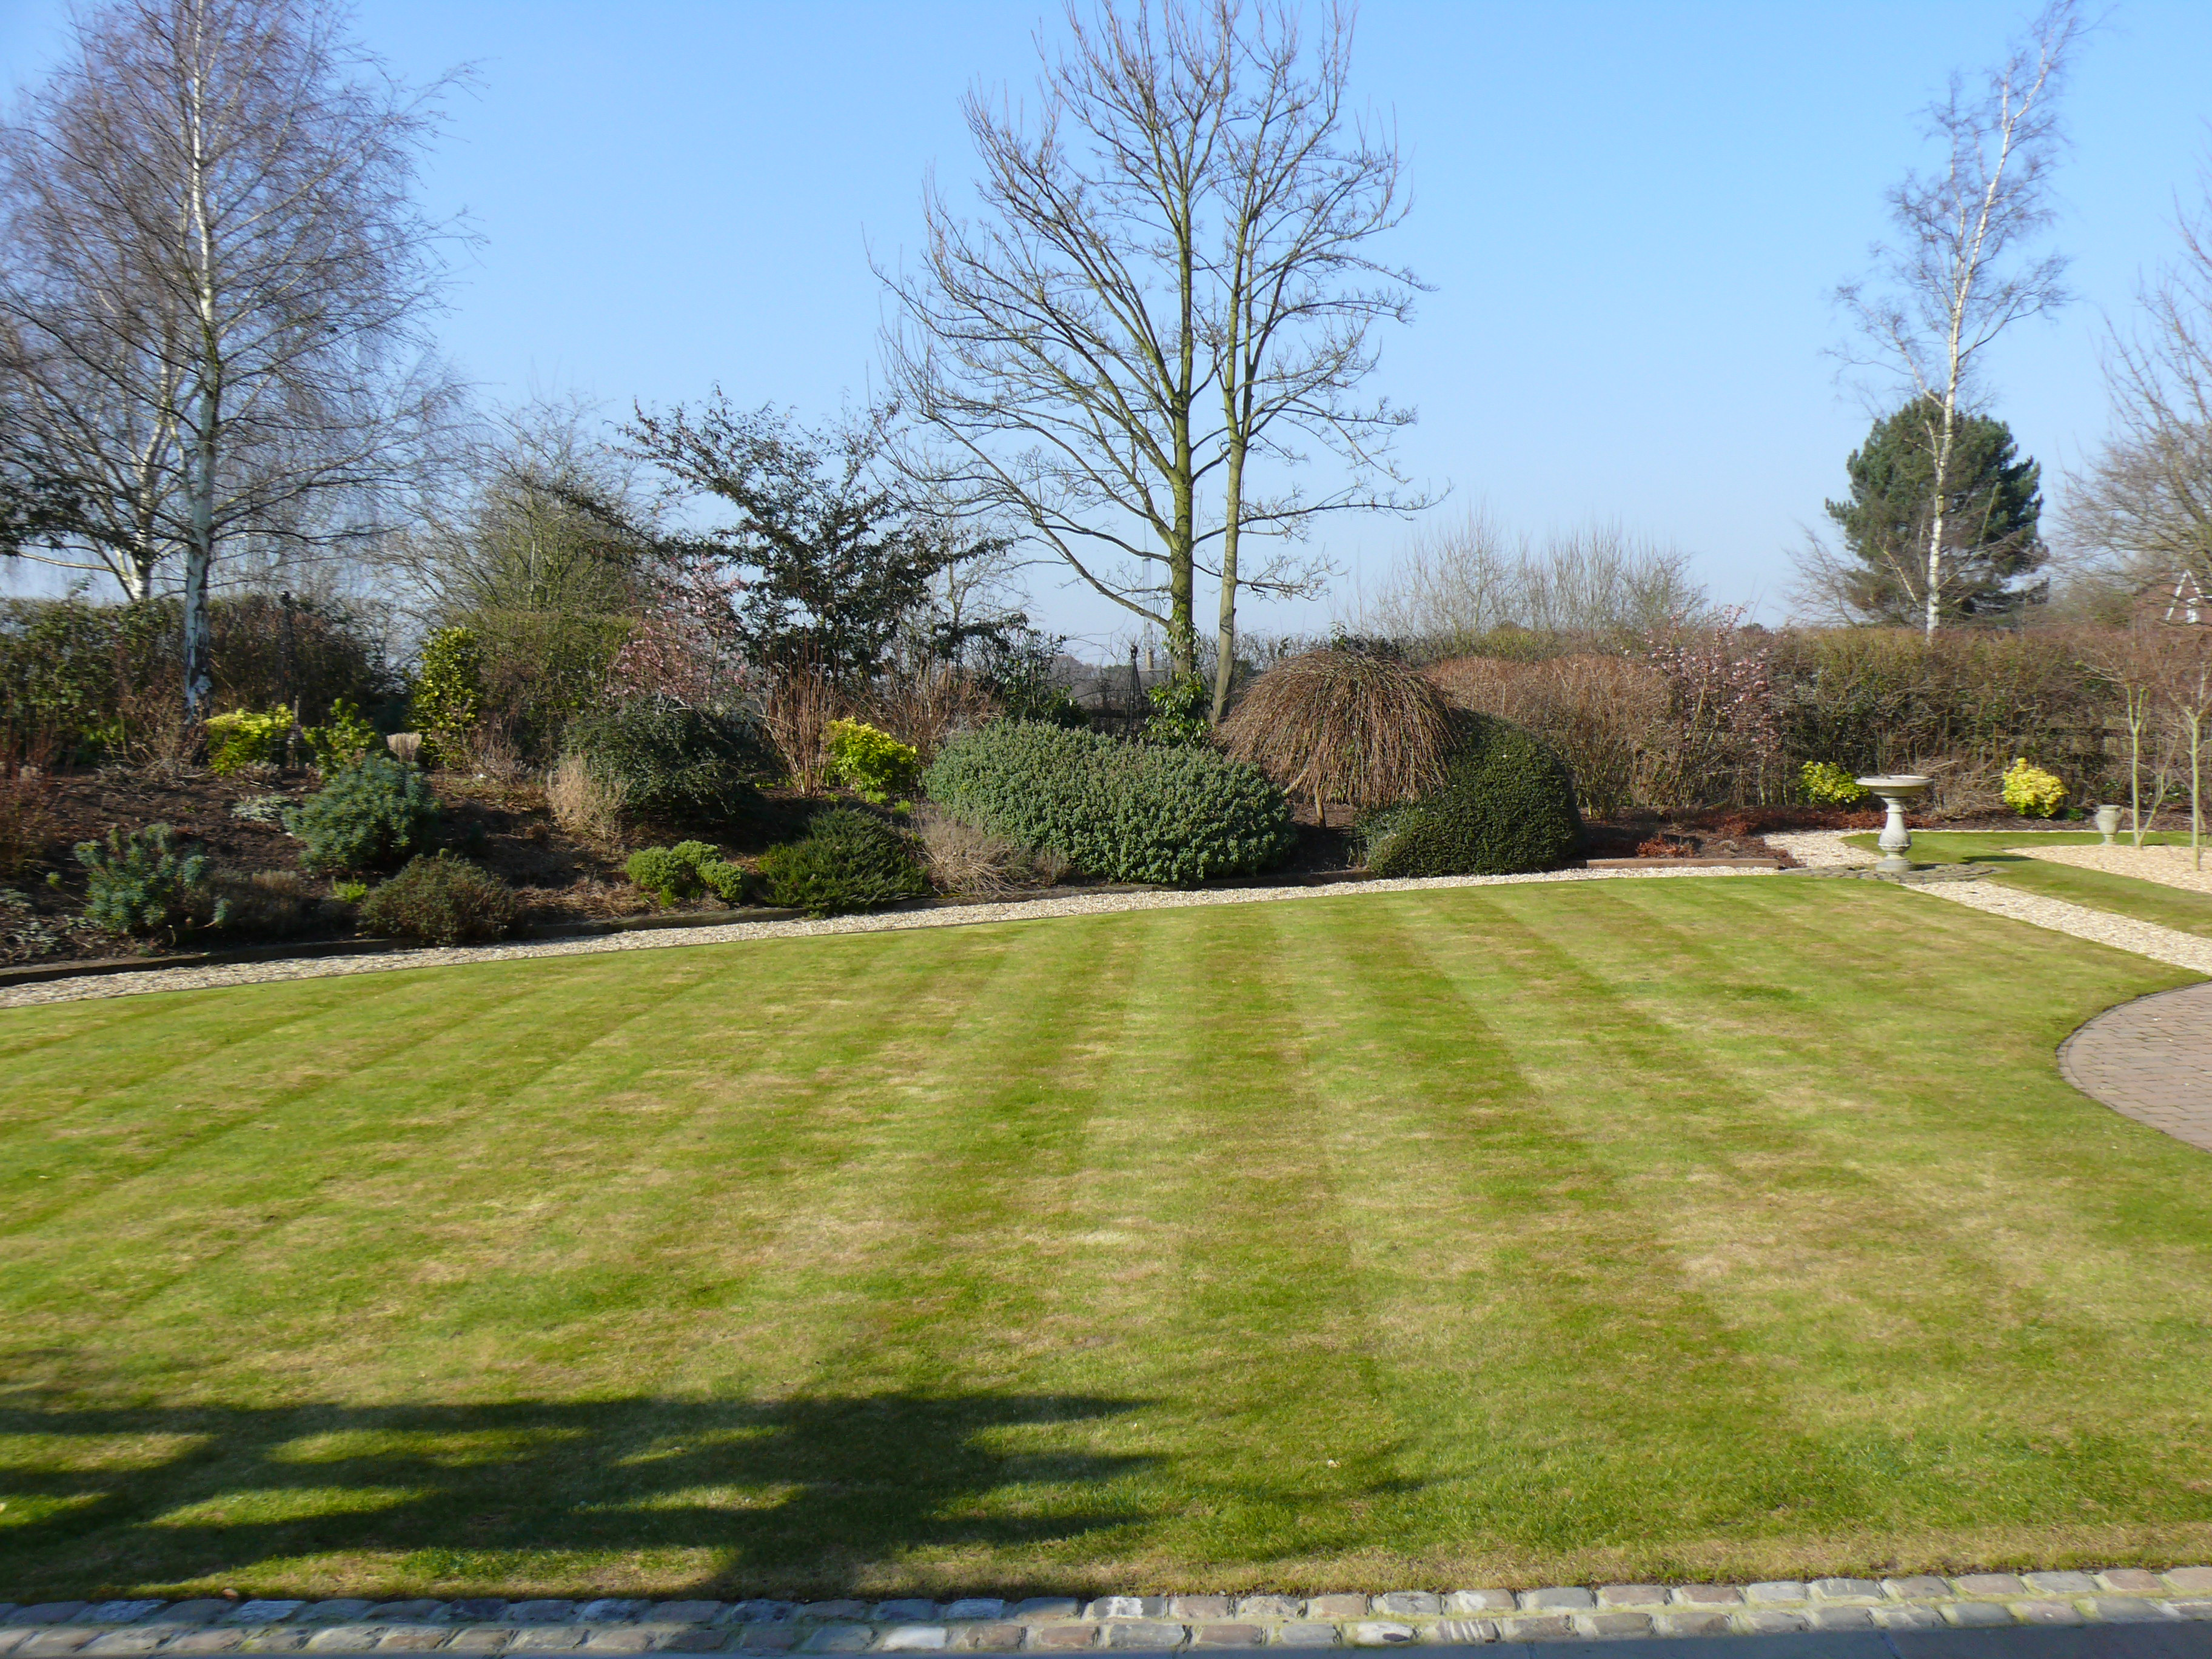 Gardener in Alderley Edge